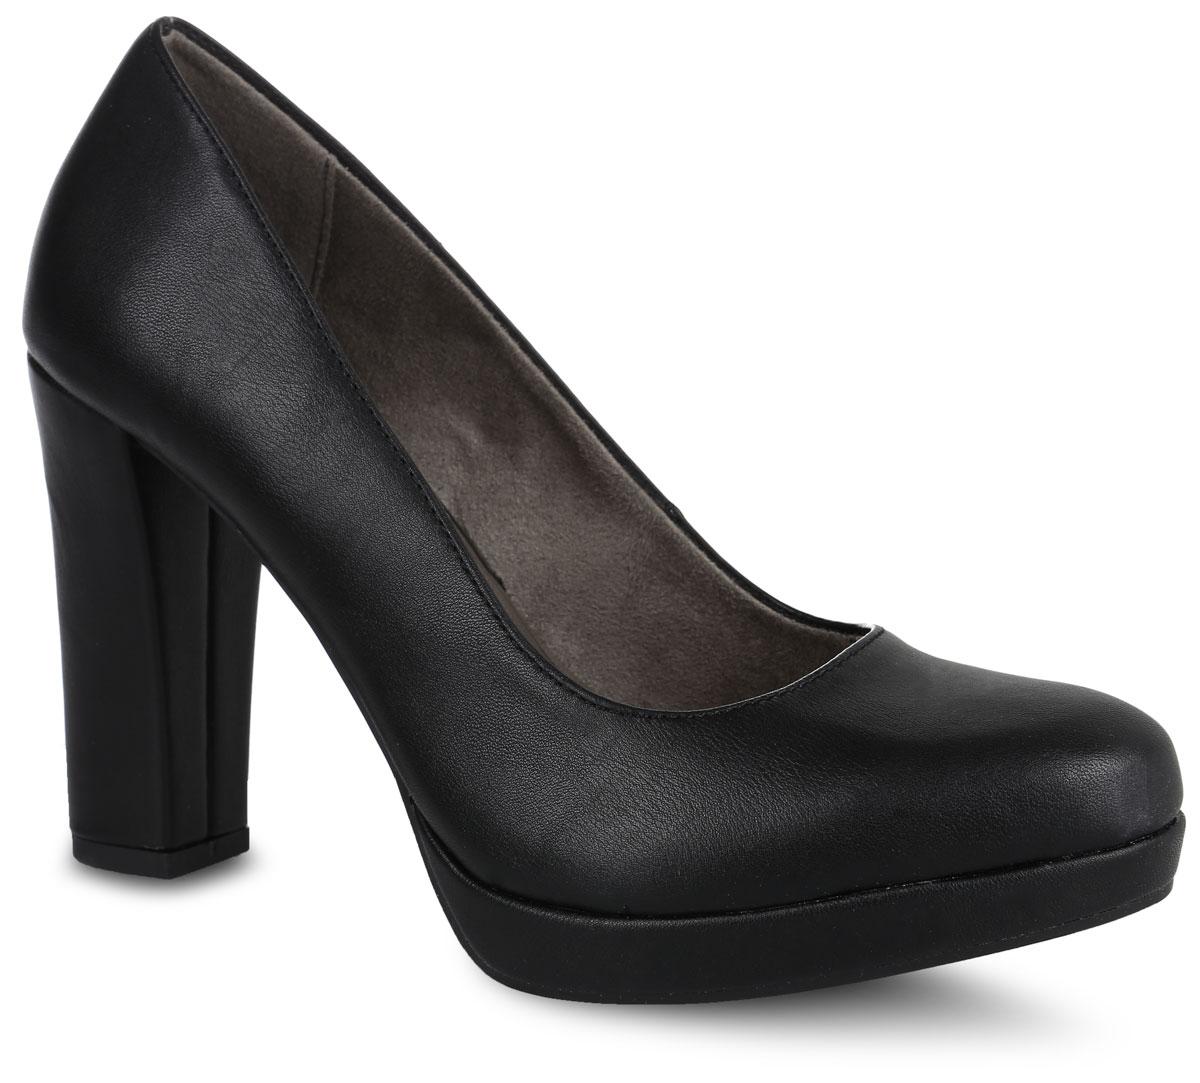 Туфли женские. 1-1-22435-27-0201-1-22435-27-020Стильные туфли от Tamaris не оставят равнодушной настоящую модницу! Модель выполнена из искусственной кожи. Закругленный носок добавляет женственности. Подкладка из текстиля и искусственного материала не натирает. Мягкая стелька из искусственной кожи принимает форму стопы и обеспечивает этим максимальный комфорт. Ультравысокий каблук компенсирован небольшой платформой. Каблук и подошва с рифлением обеспечивают идеальное сцепление с любыми поверхностями. Элегантные туфли внесут изысканные нотки в ваш образ и подчеркнут вашу утонченную натуру.